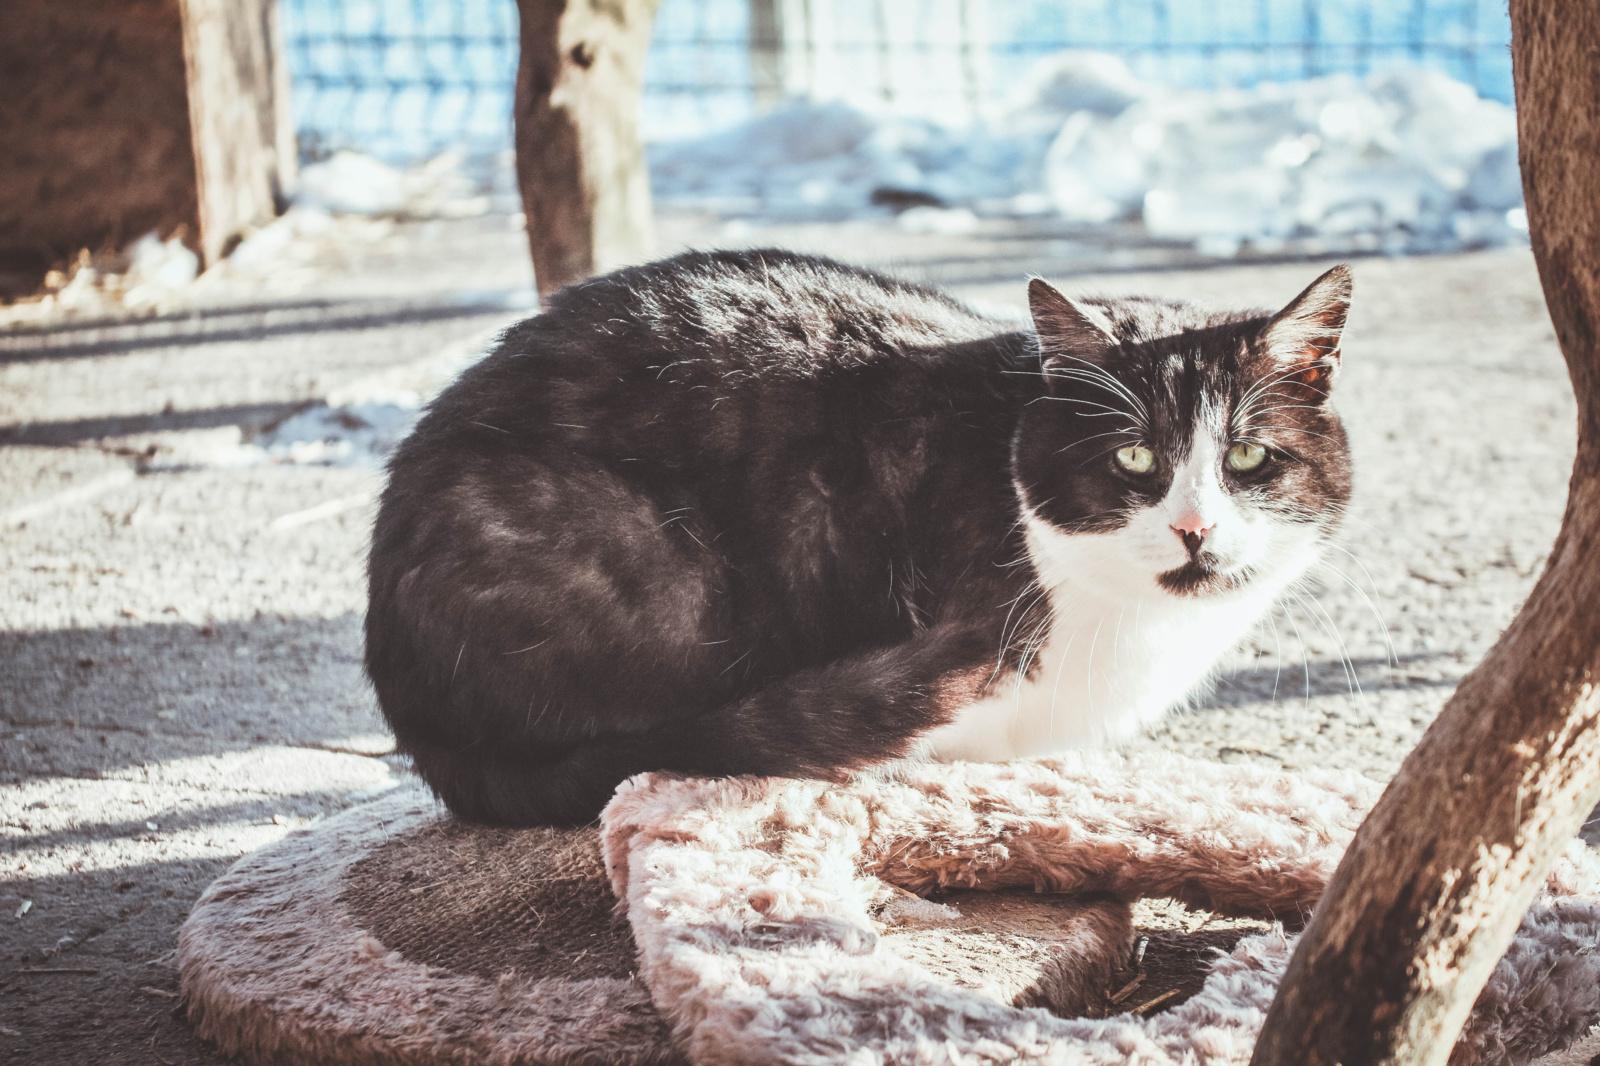 Kačių mityba: ką vertėtų žinoti?